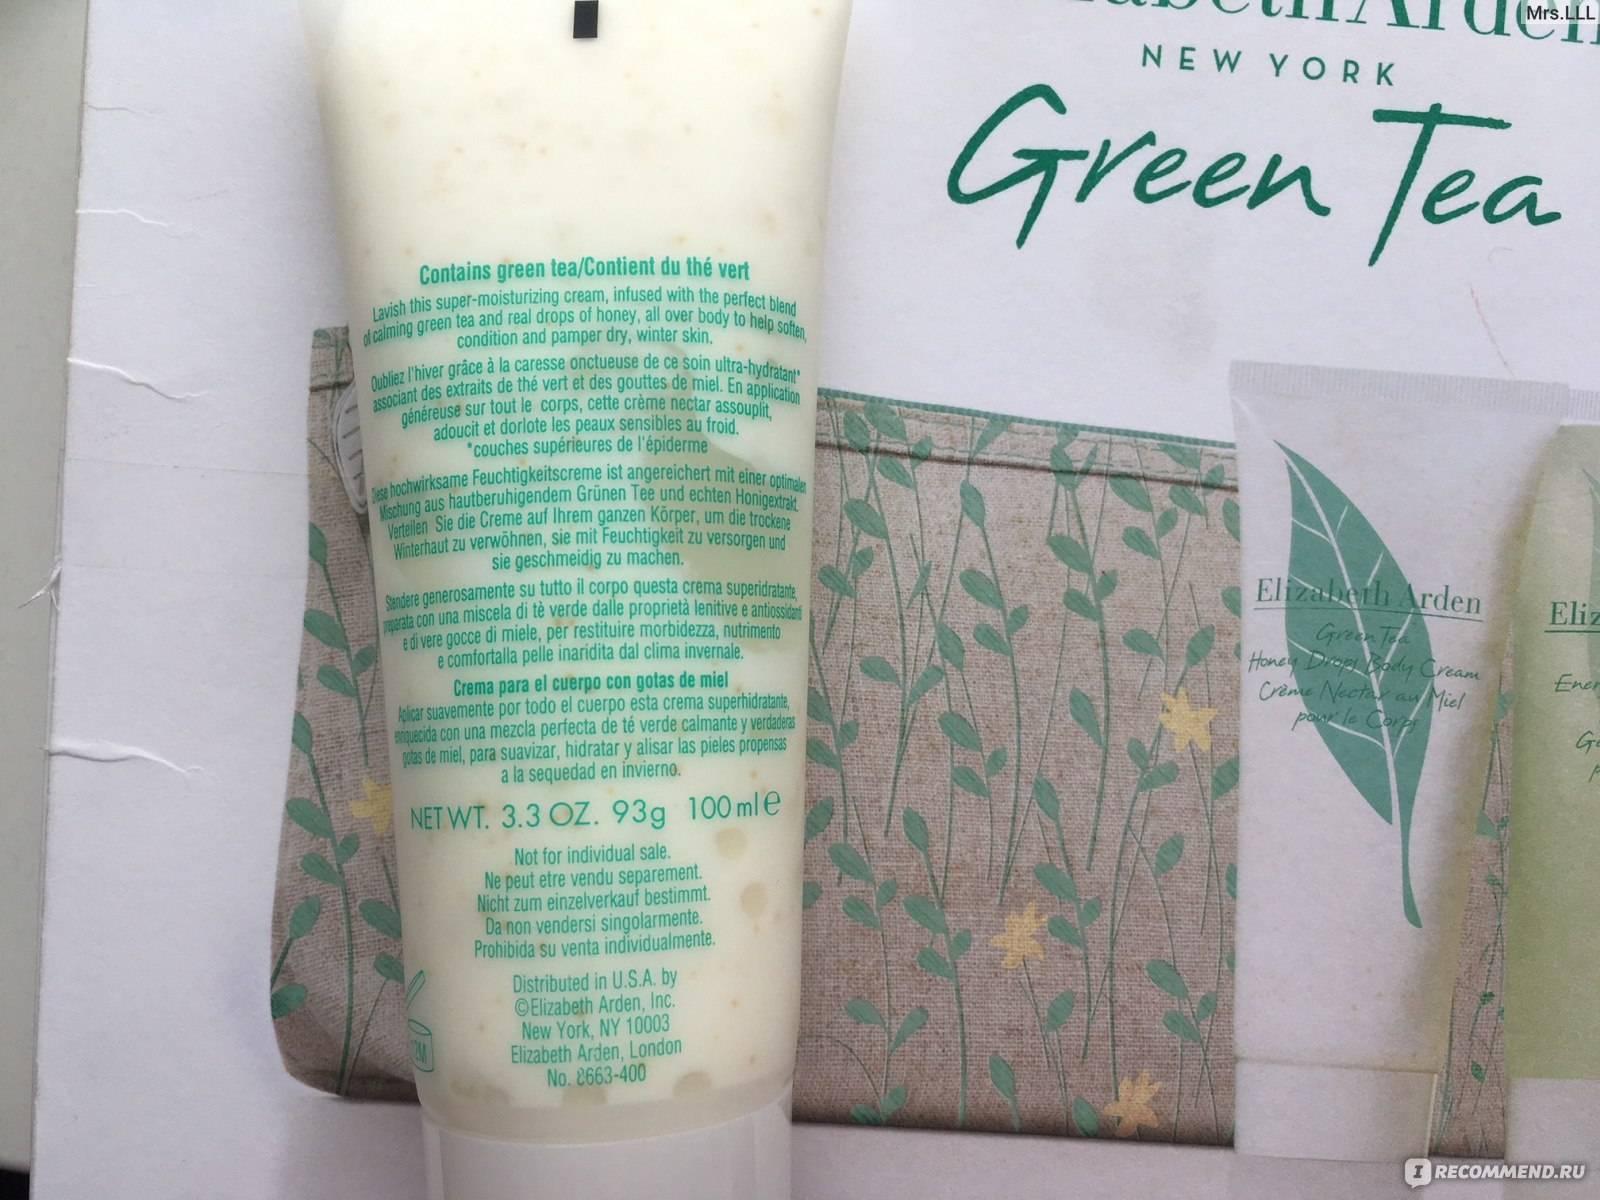 Зеленый чай для волос, или как остановить выпадение волос с помощью народных средств?